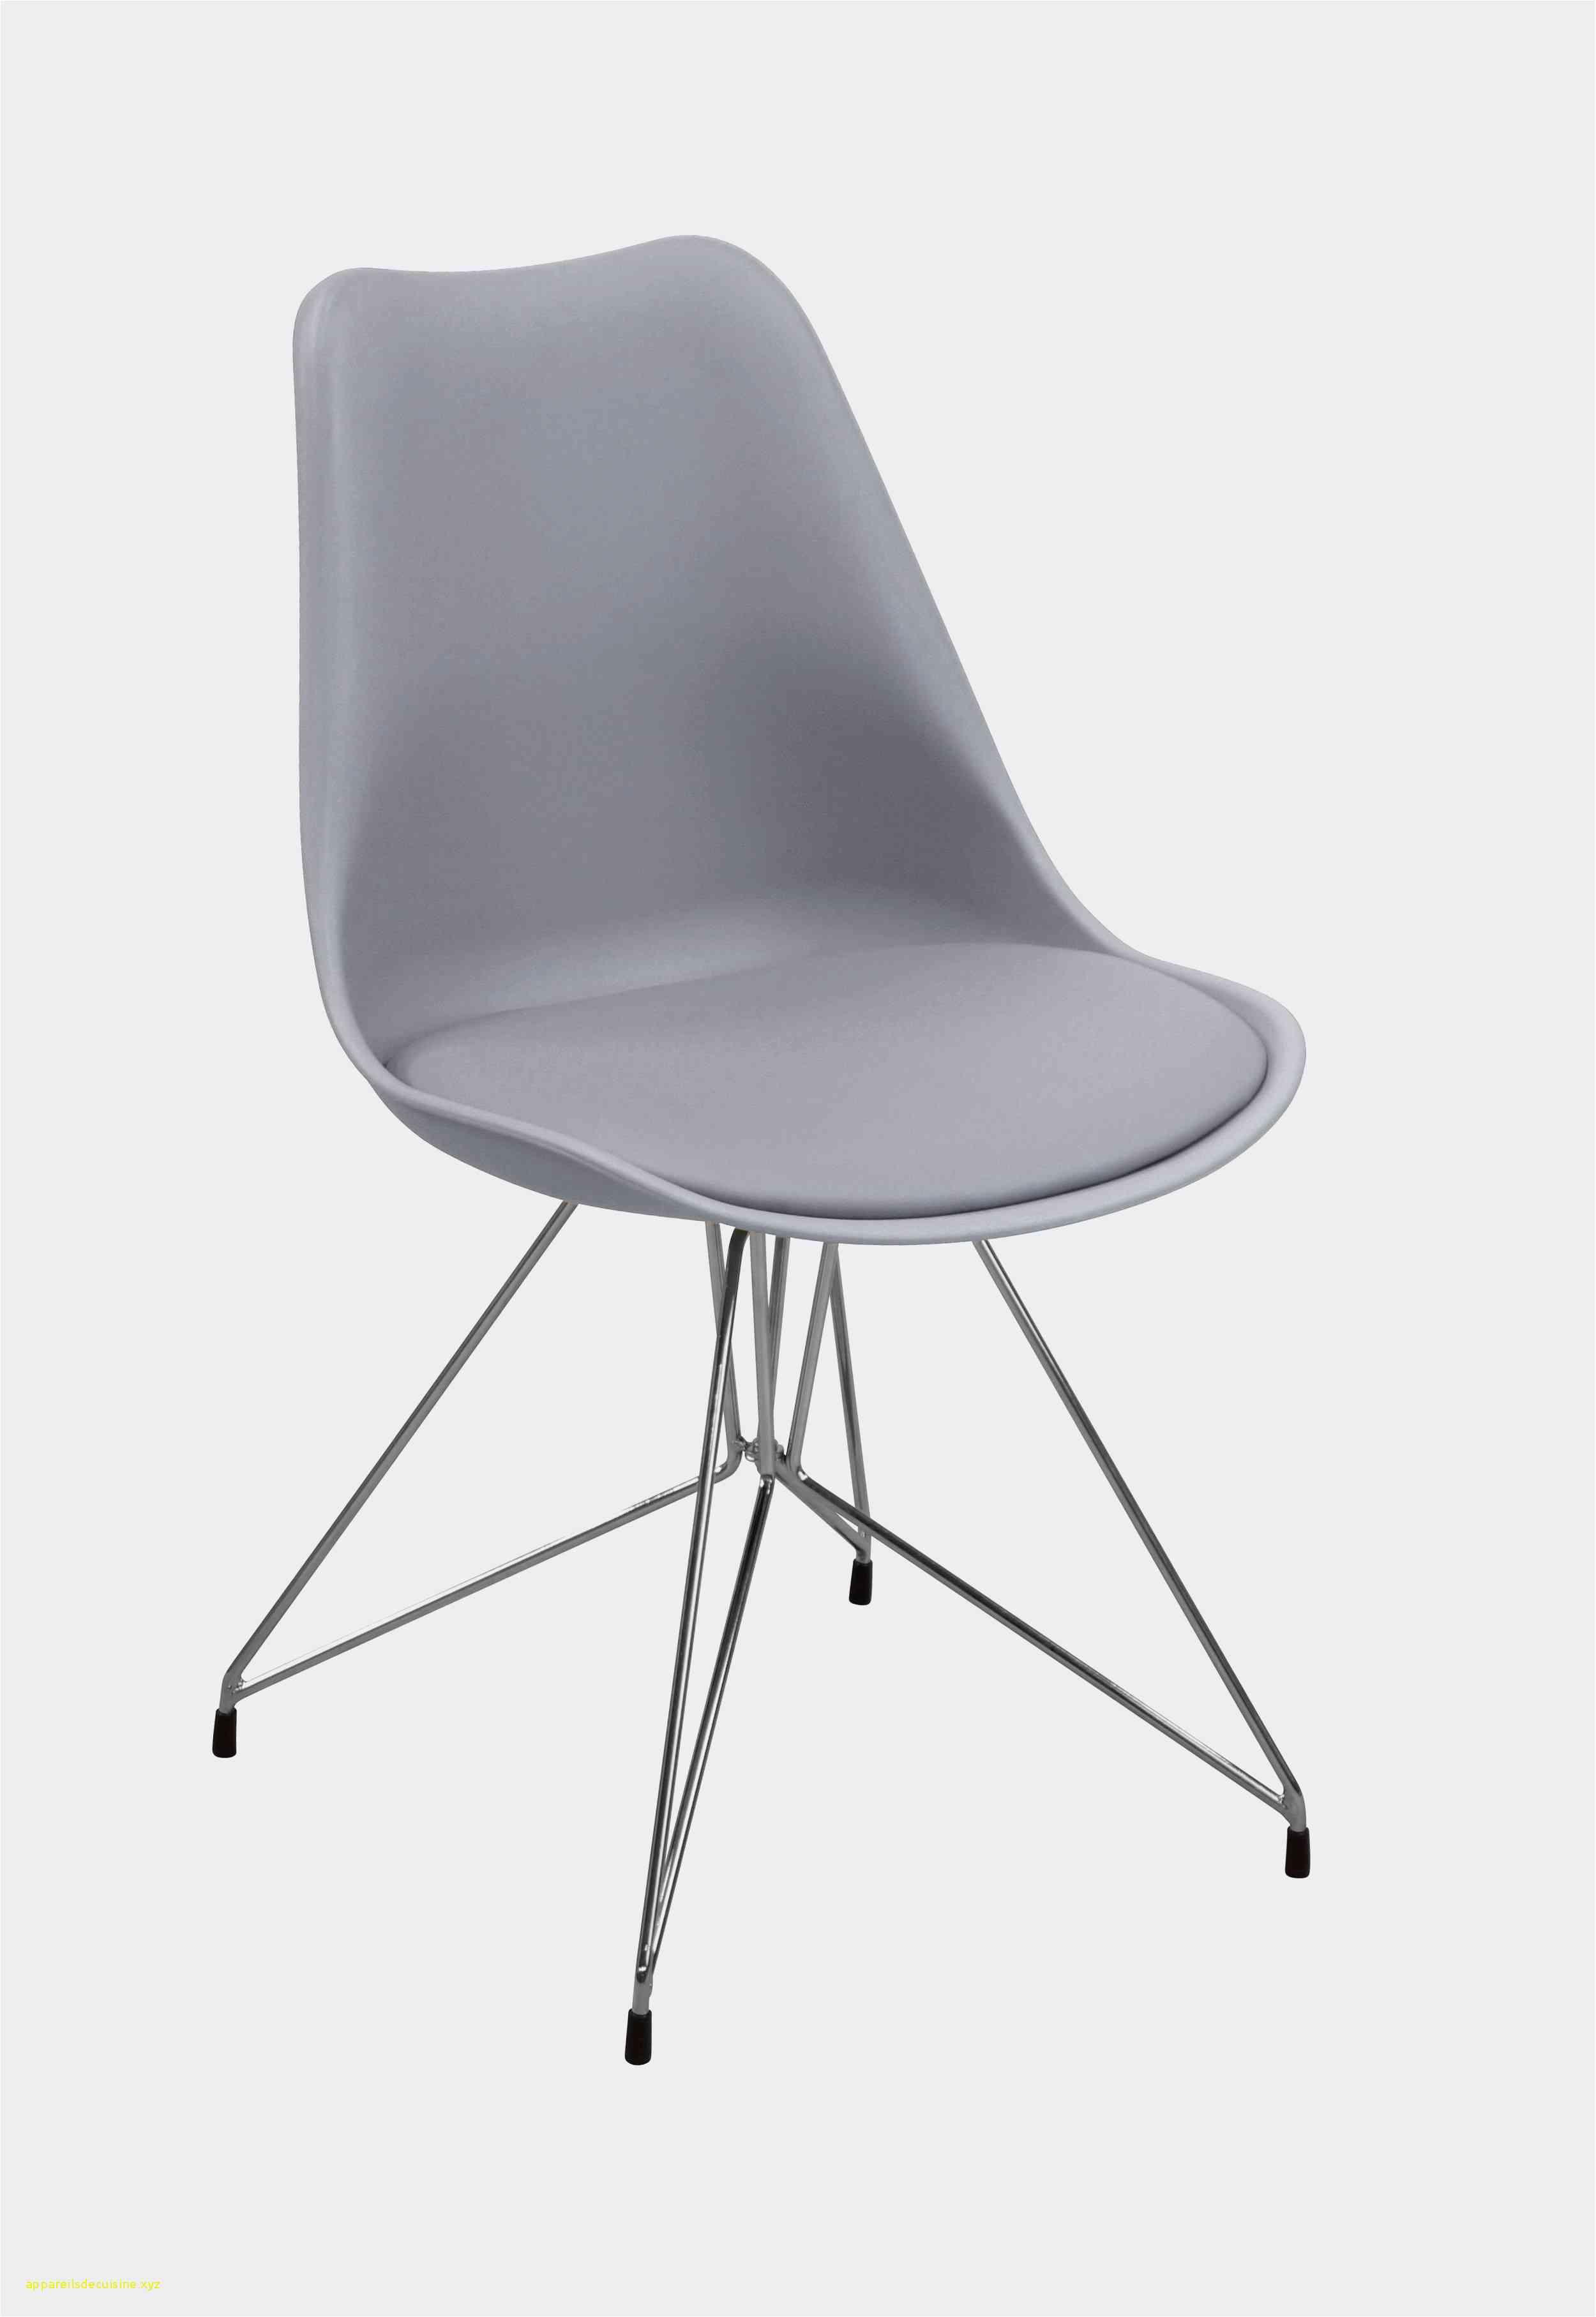 4 Chaises Pas Cher Inspirant Image Chaise Design Metal 4 Chaises Nouveau Noir Maison Zeeral